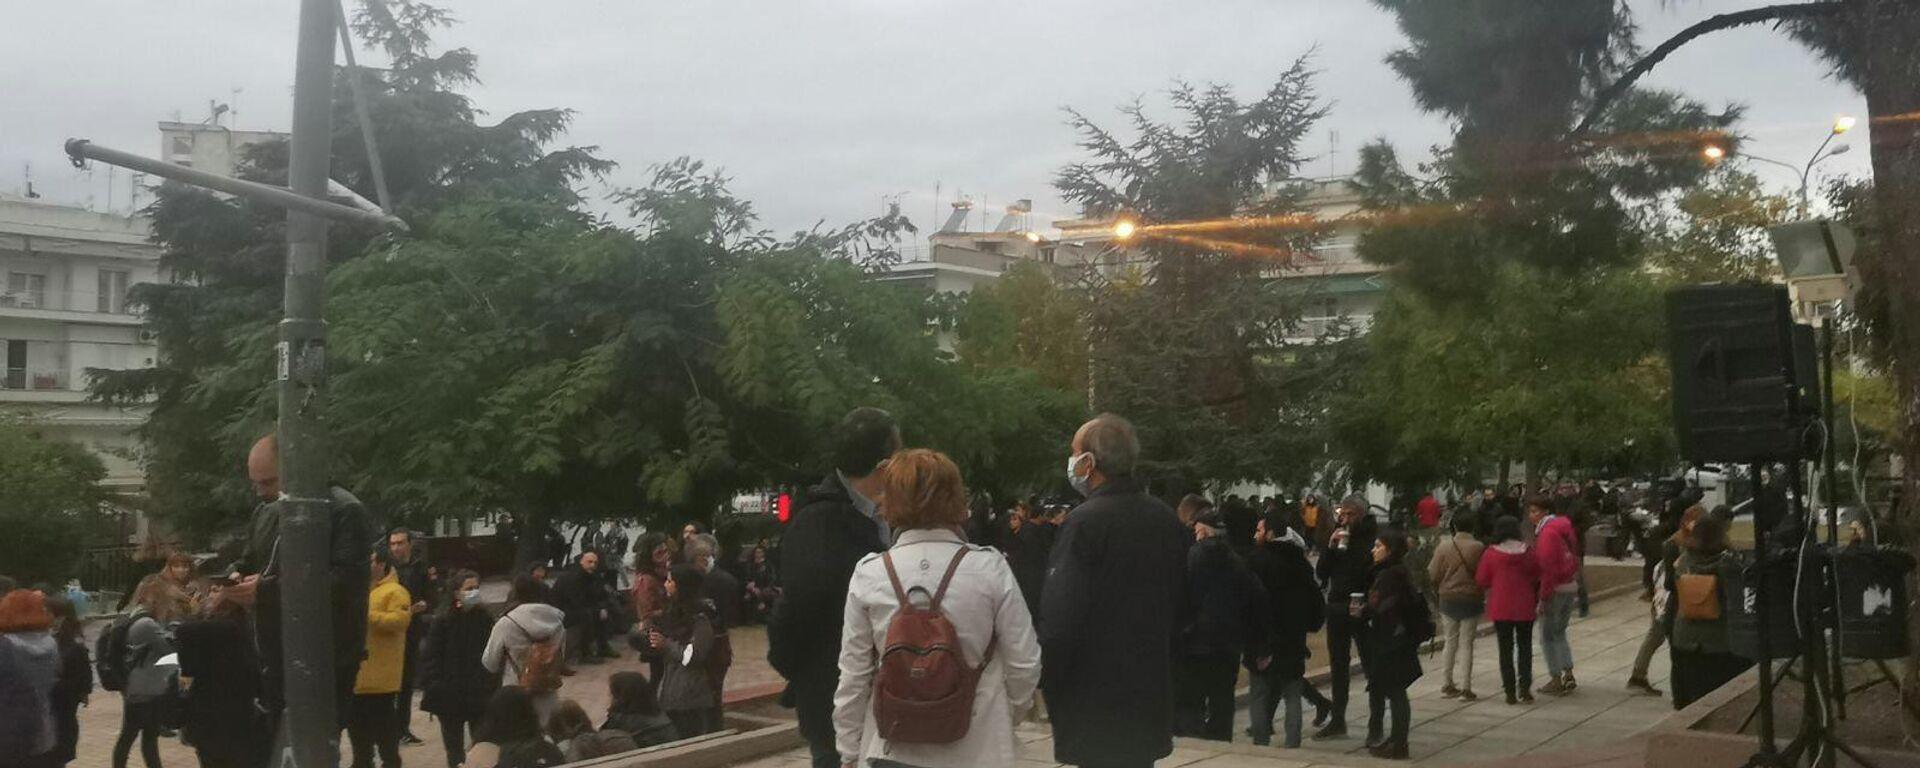 Έκδήλωση του ΚΚΕ και της ΚΝΕ στη Σταυρούπολη - Sputnik Ελλάδα, 1920, 09.10.2021